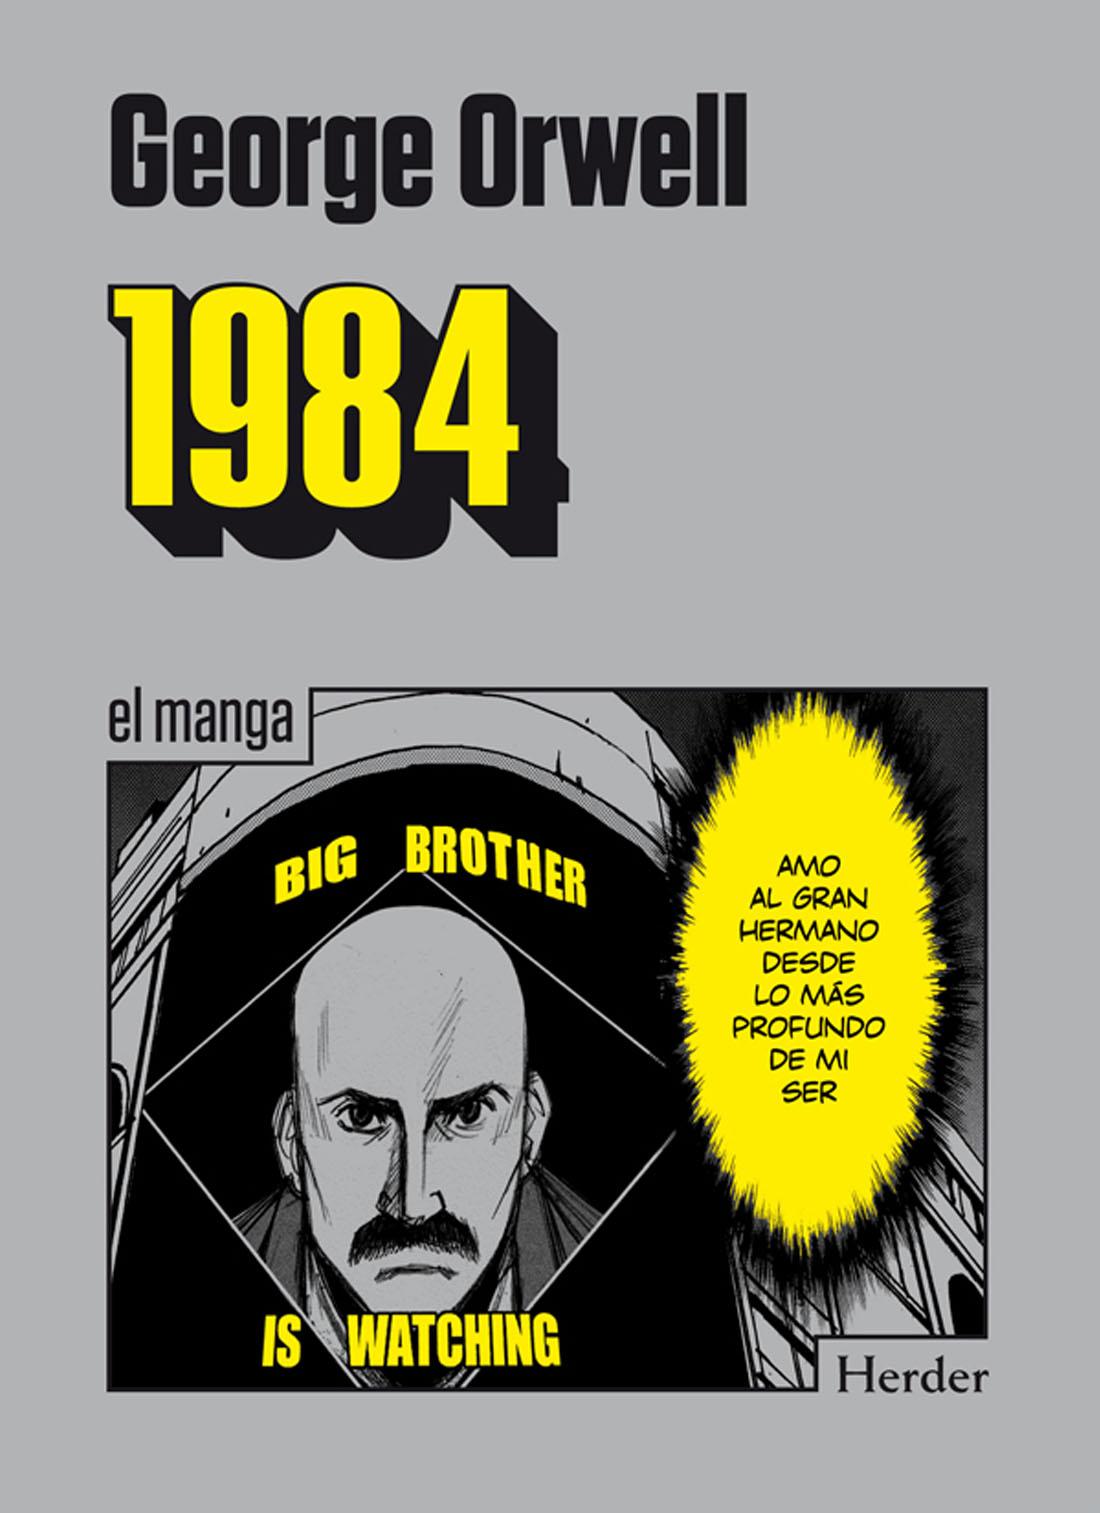 https://c9.mangatag.com/es_manga/pic4/27/25115/629244/629244_0_545.jpg Page 1